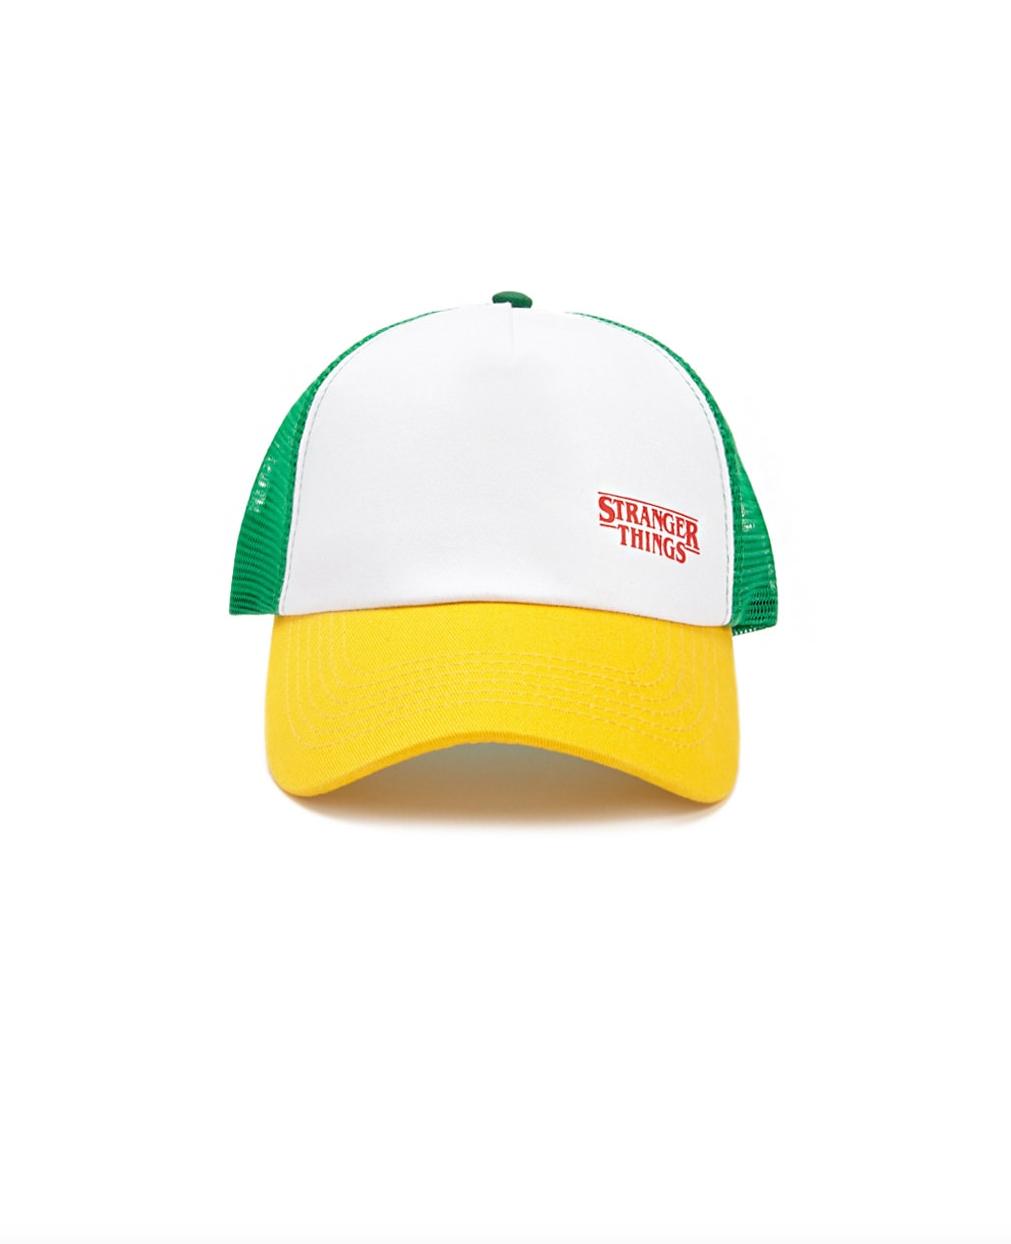 7e4b39142 Stranger Things Trucker Hat